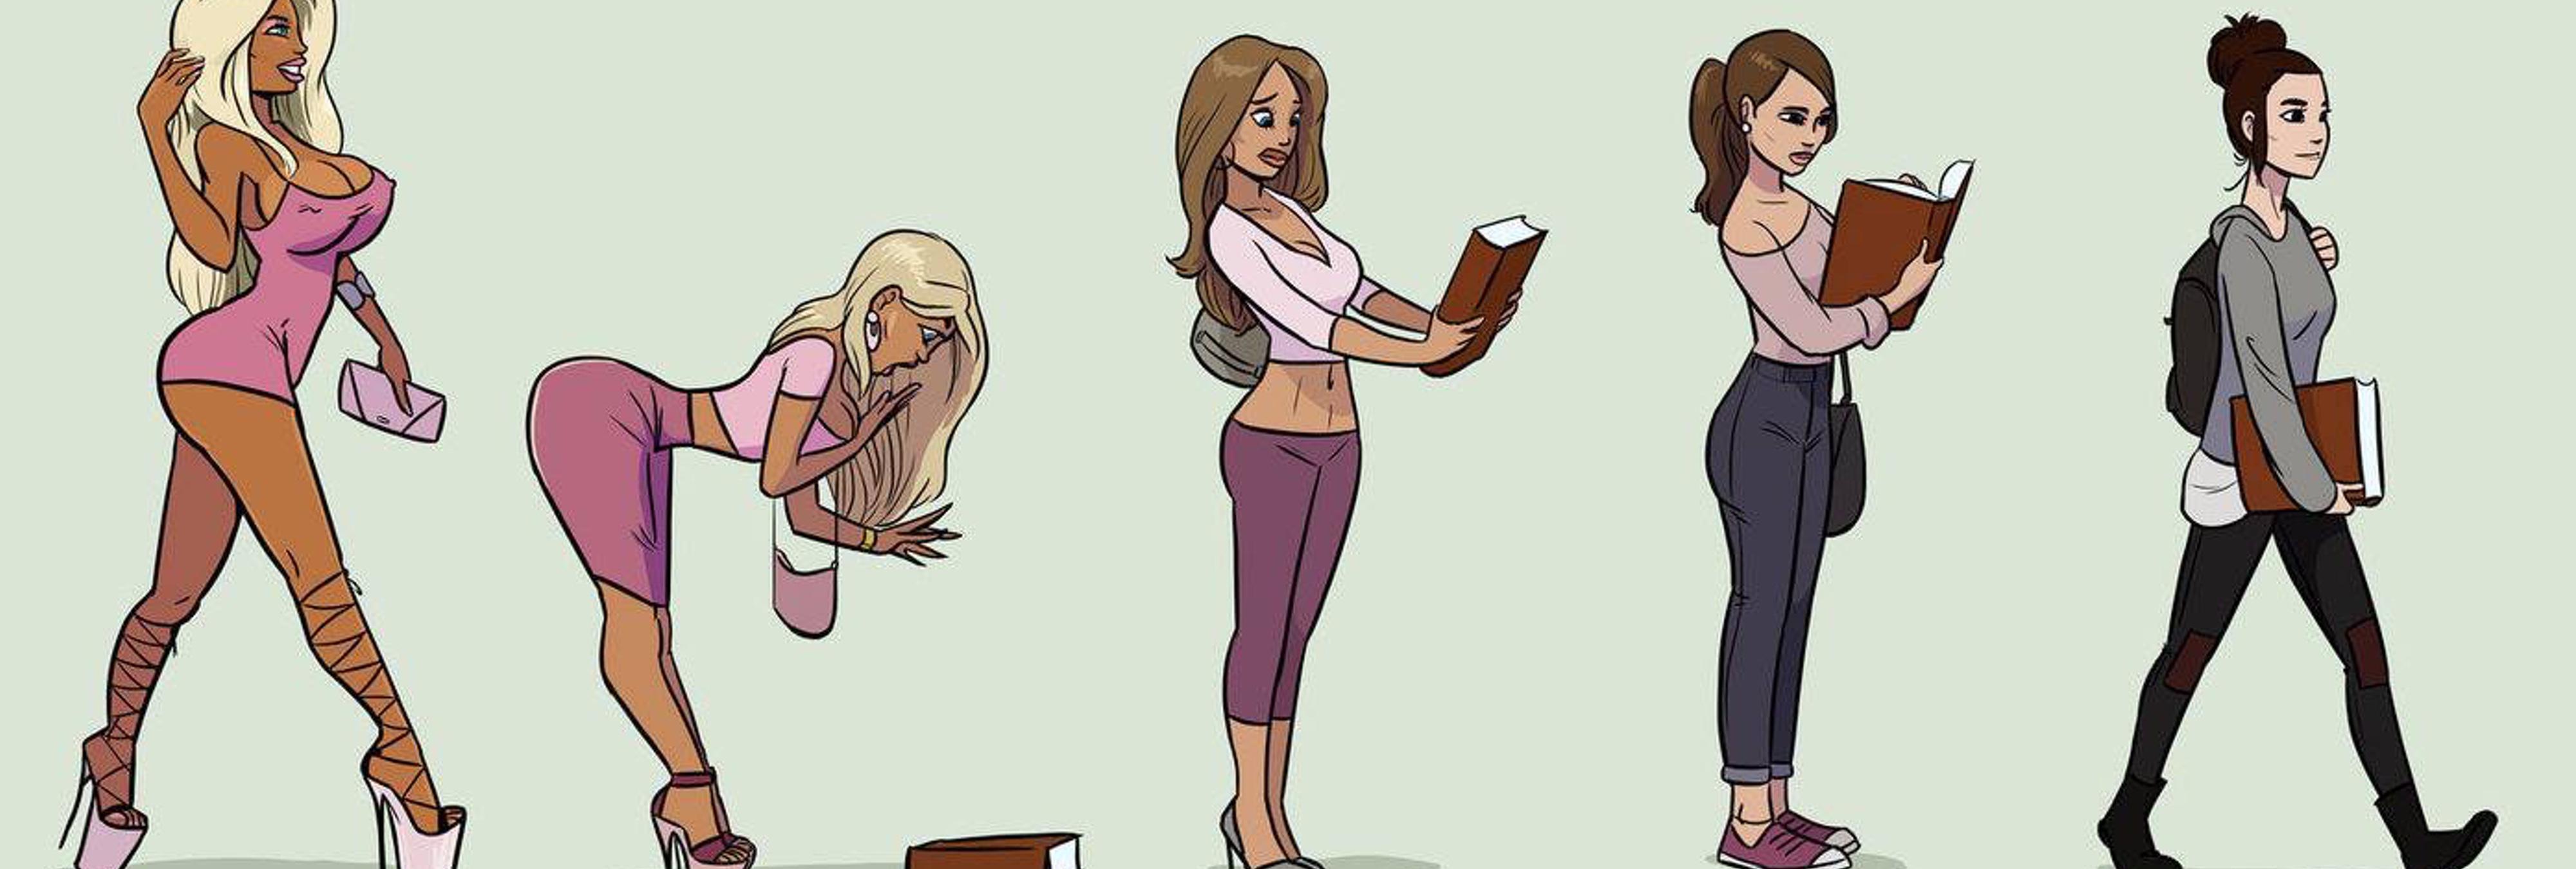 """La explicación fetichista del """"dibujo sexista"""" que ha cabreado a todo el mundo"""